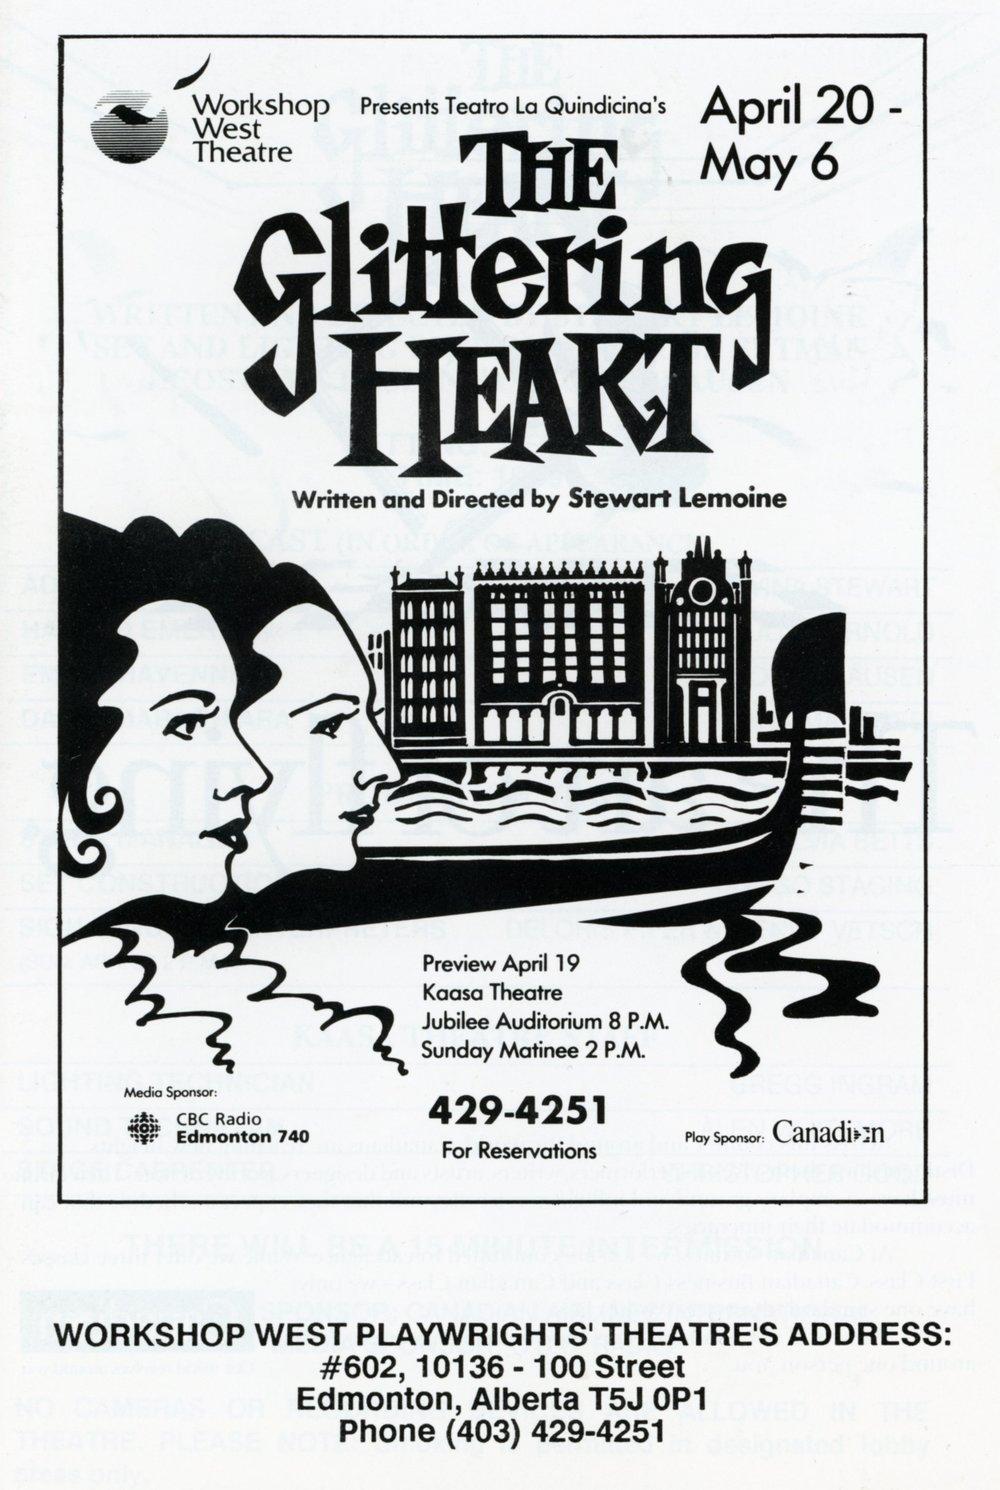 The Glittering Heart (April, 1990)-Program Cover JPEG.jpg